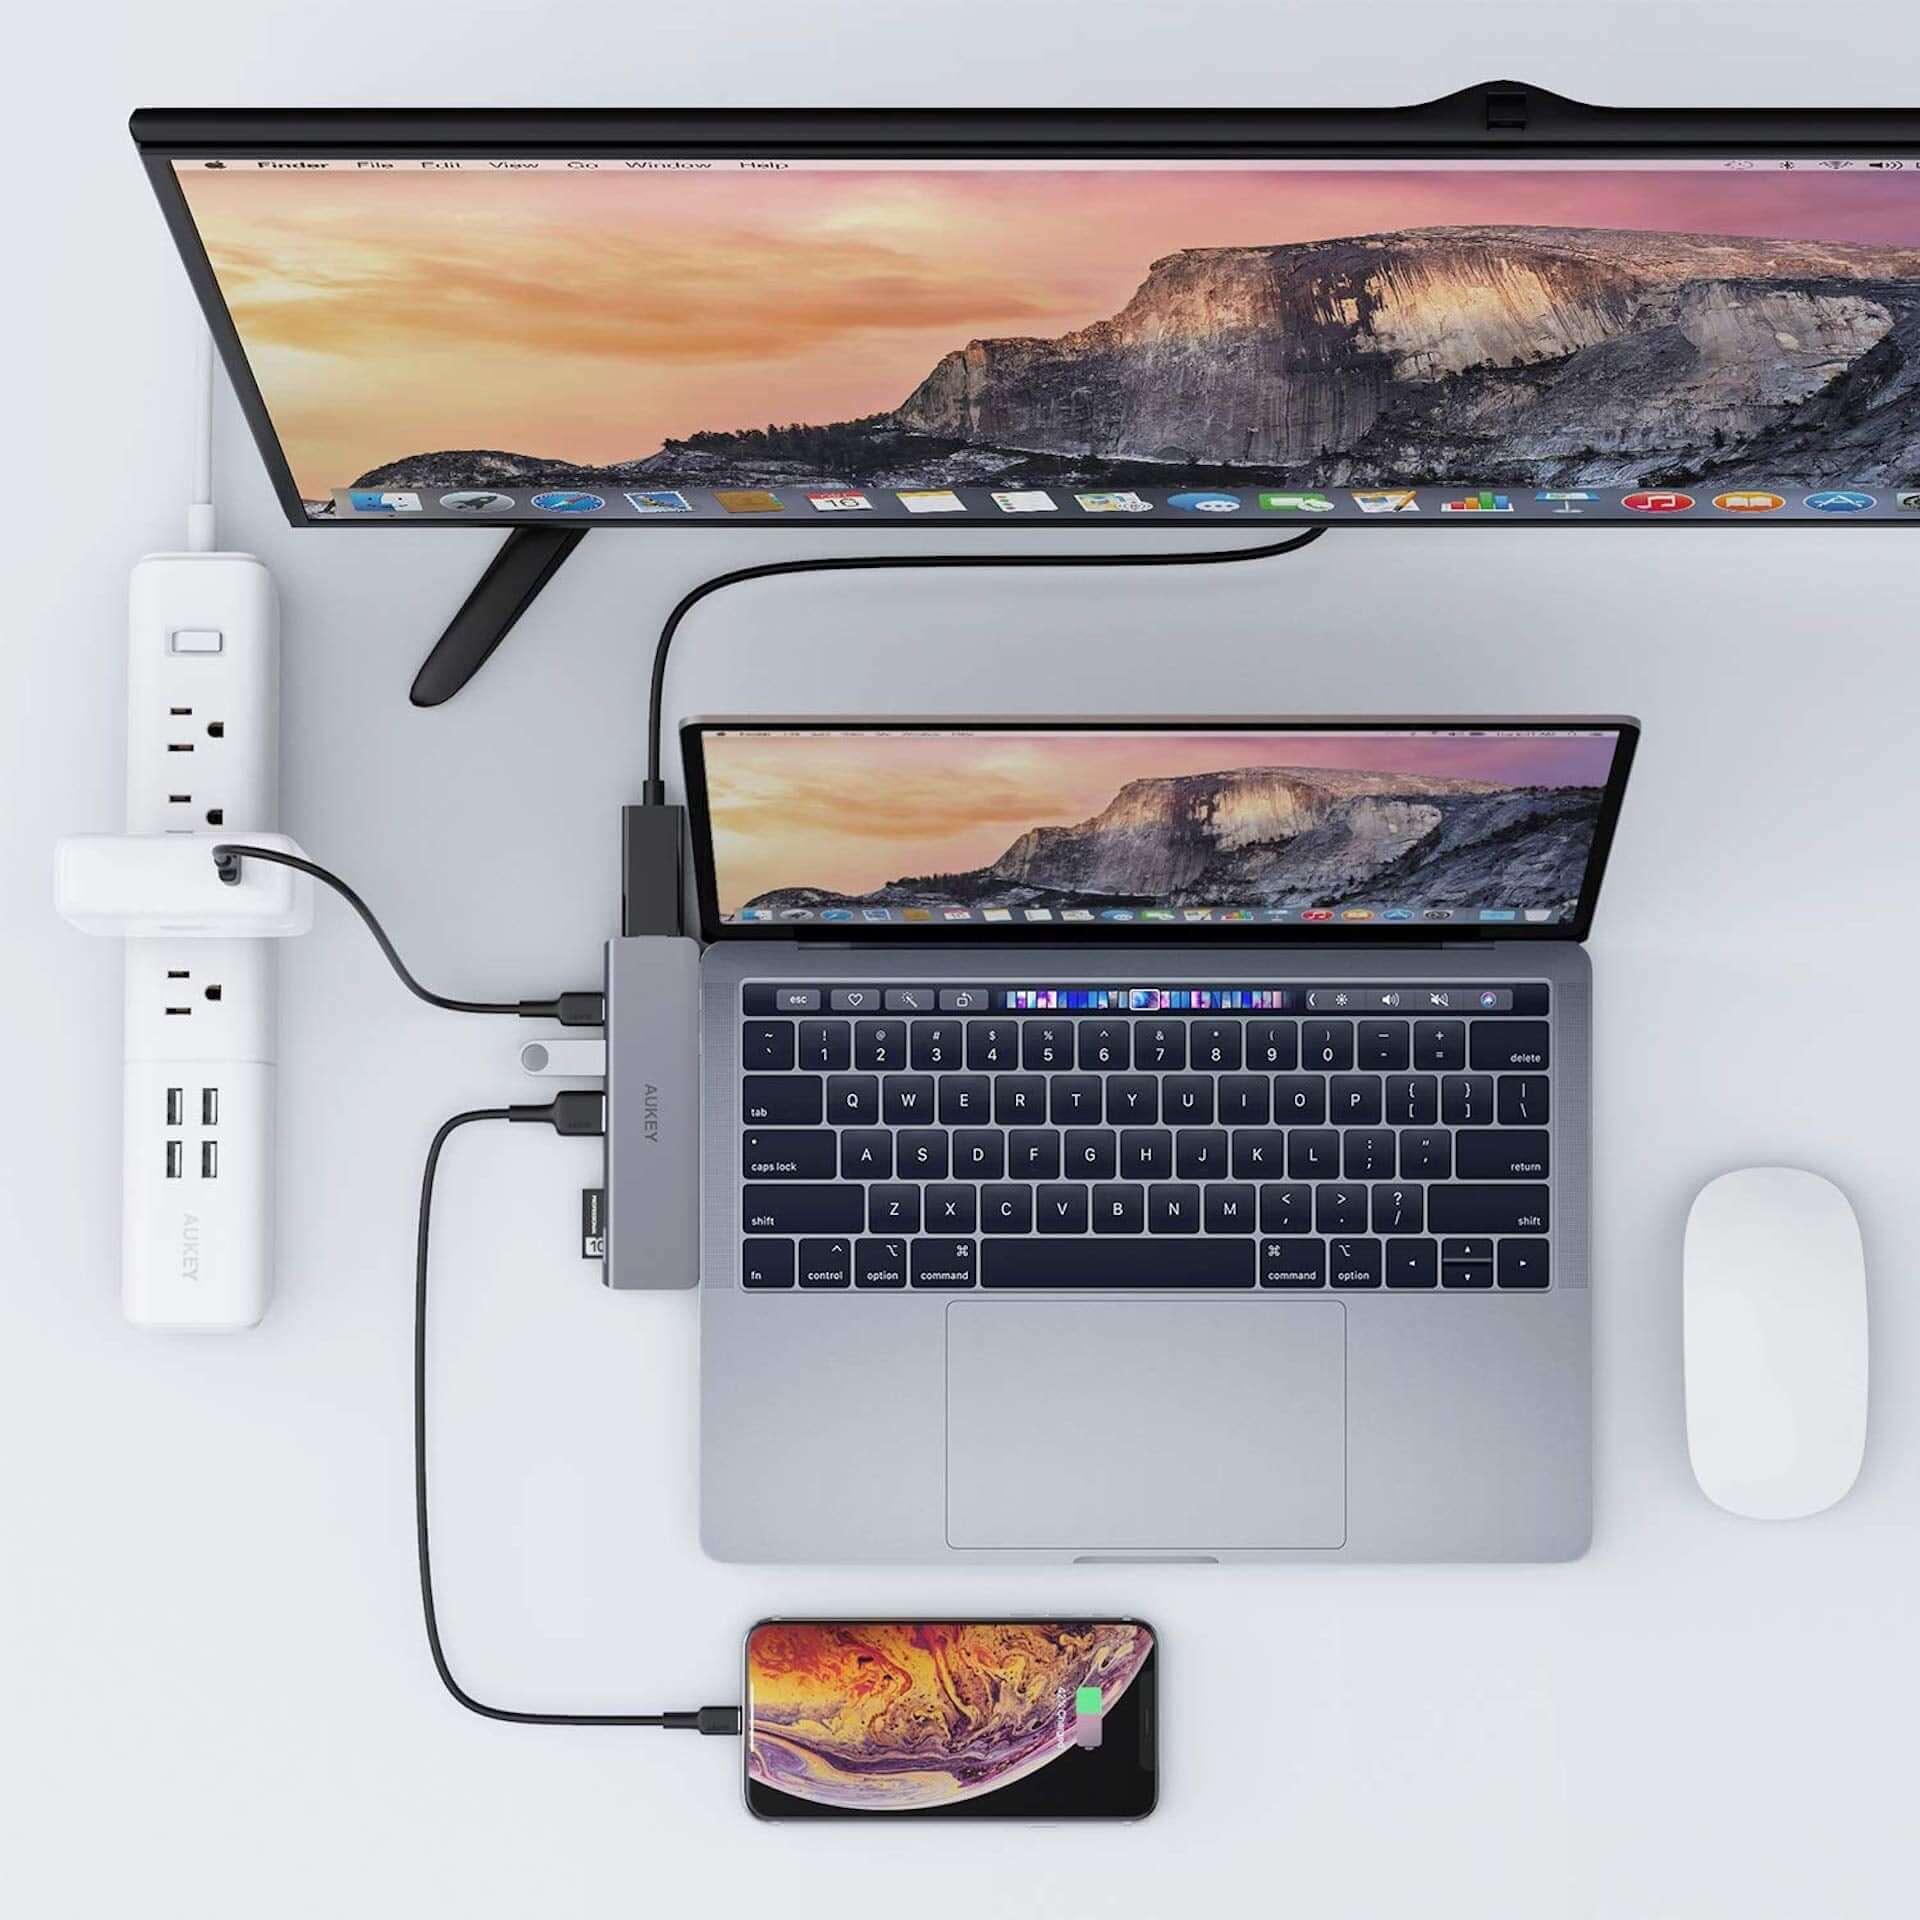 USB 3.0ポート×2、HDMI&SDなど7つのポートが1つに!AUKEYマルチハブがお手頃価格で登場 tech190823aukey-multihub_3-1920x1920